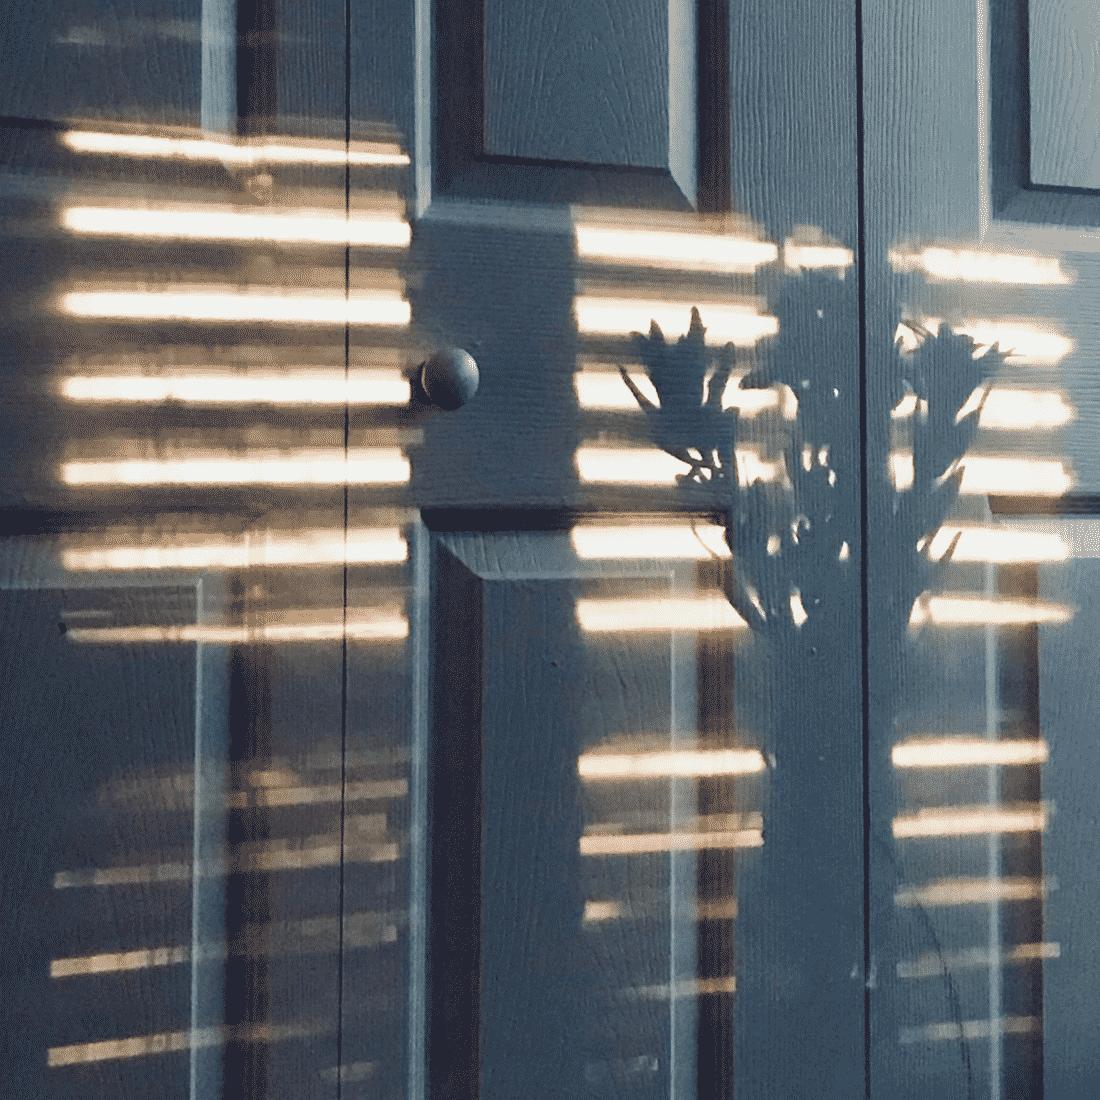 Bespoke solid panel shutters